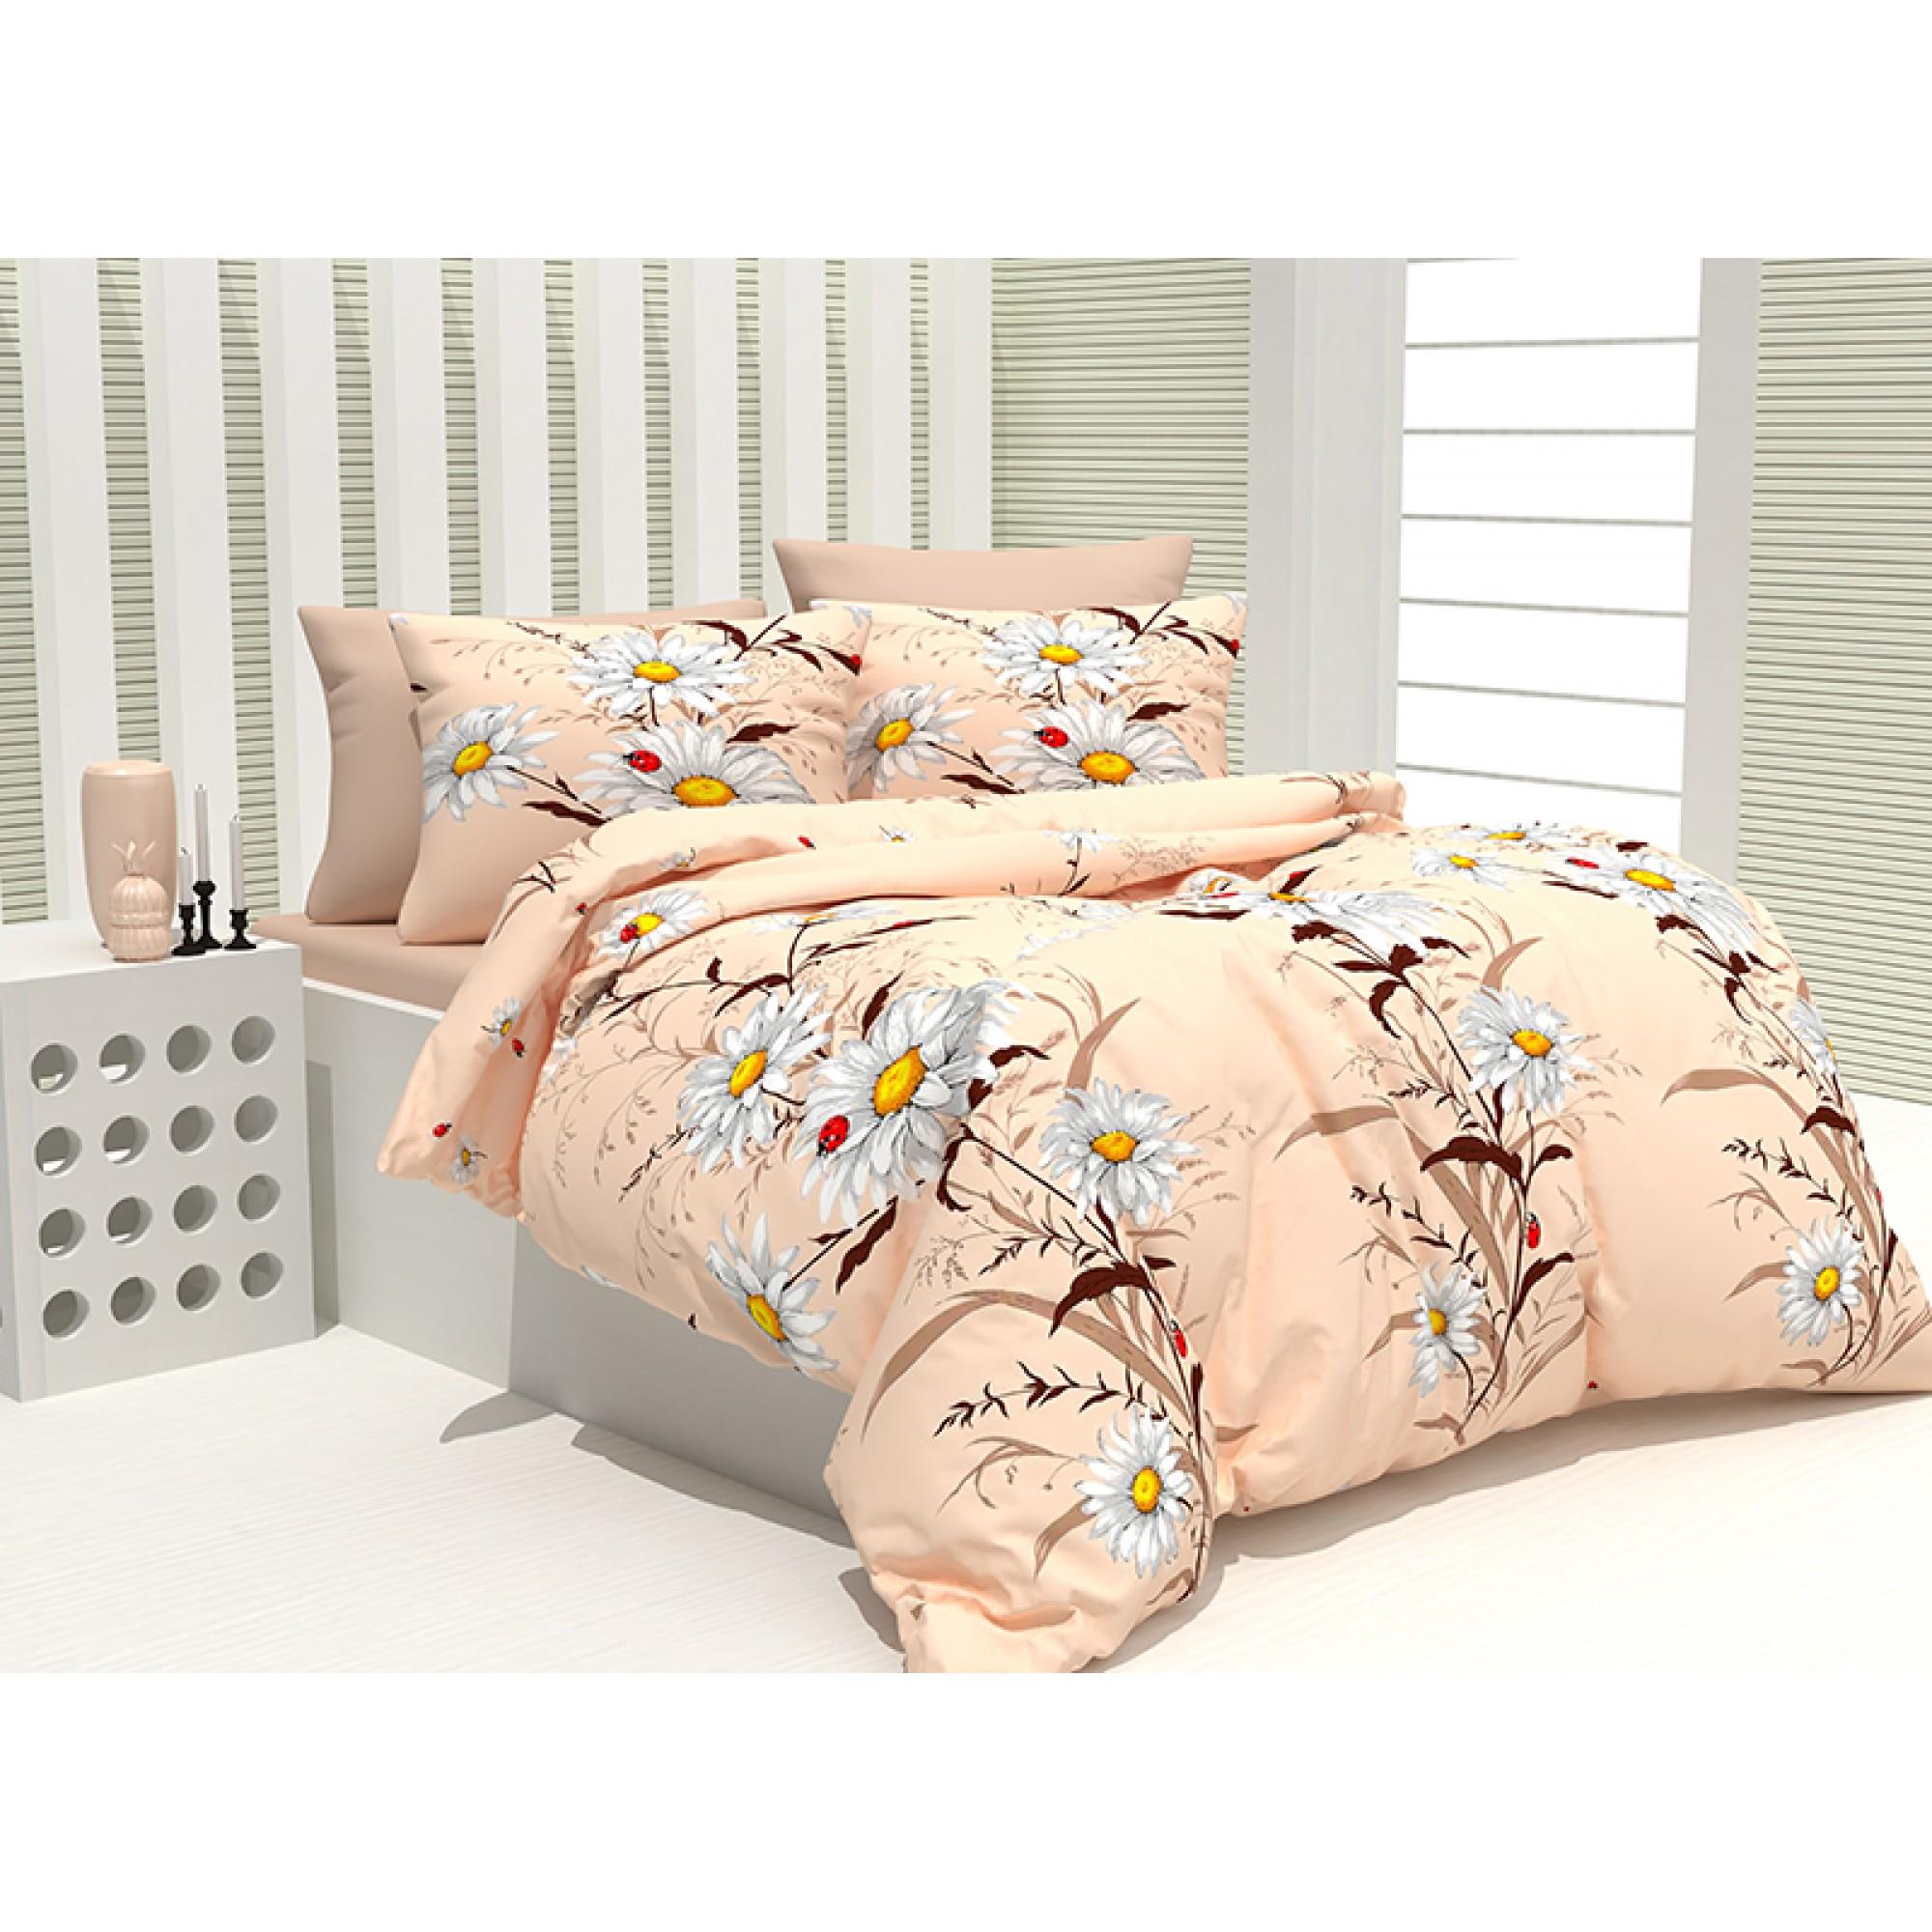 Спален комплект 100% Памук Ladybug в бежаво